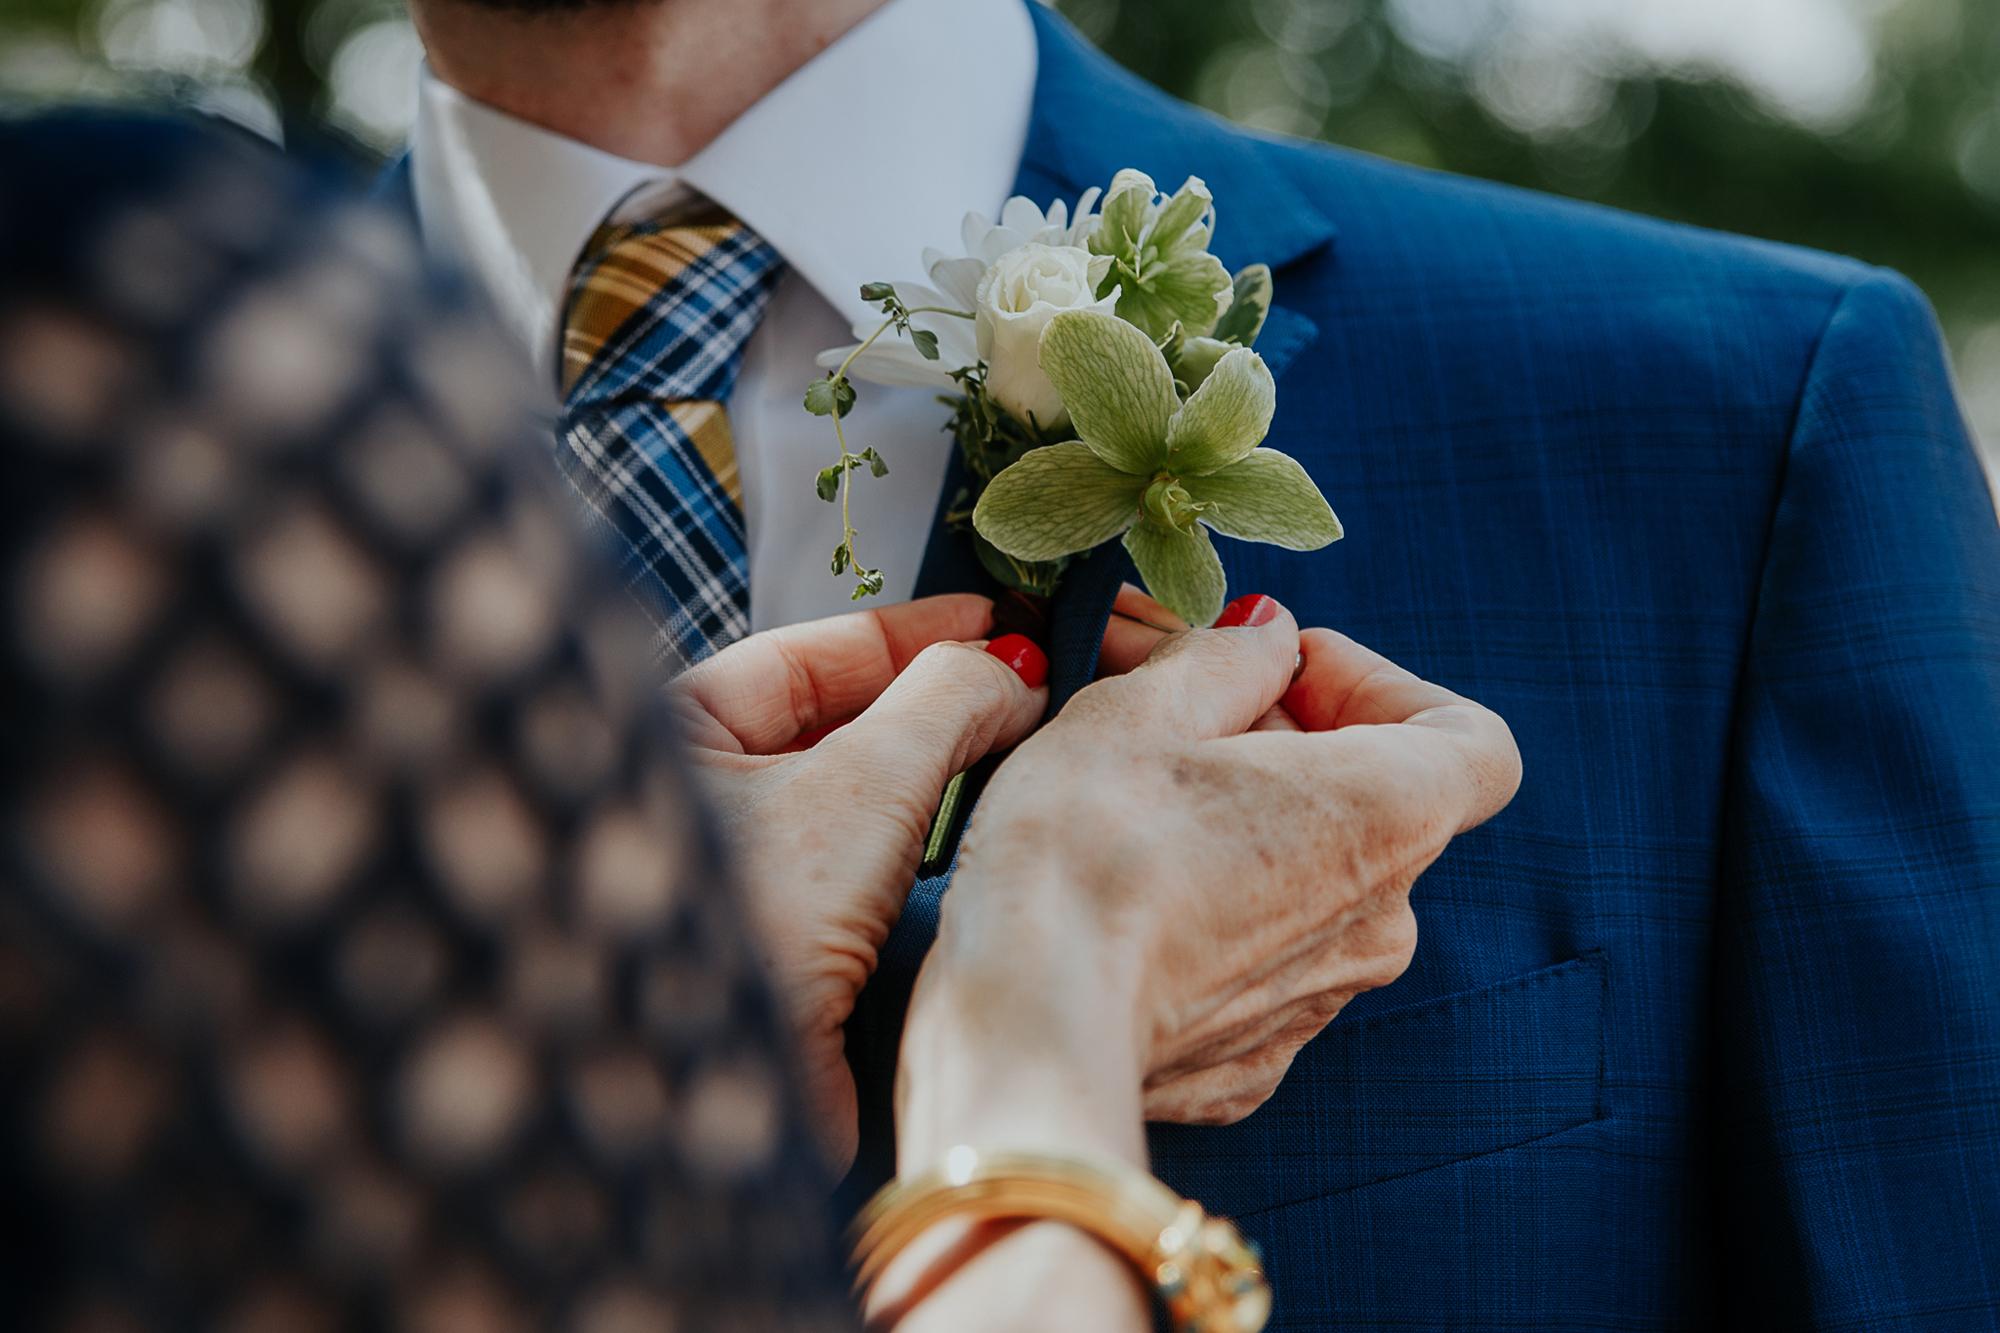 030-annapolis_courthouse_wedding.jpg